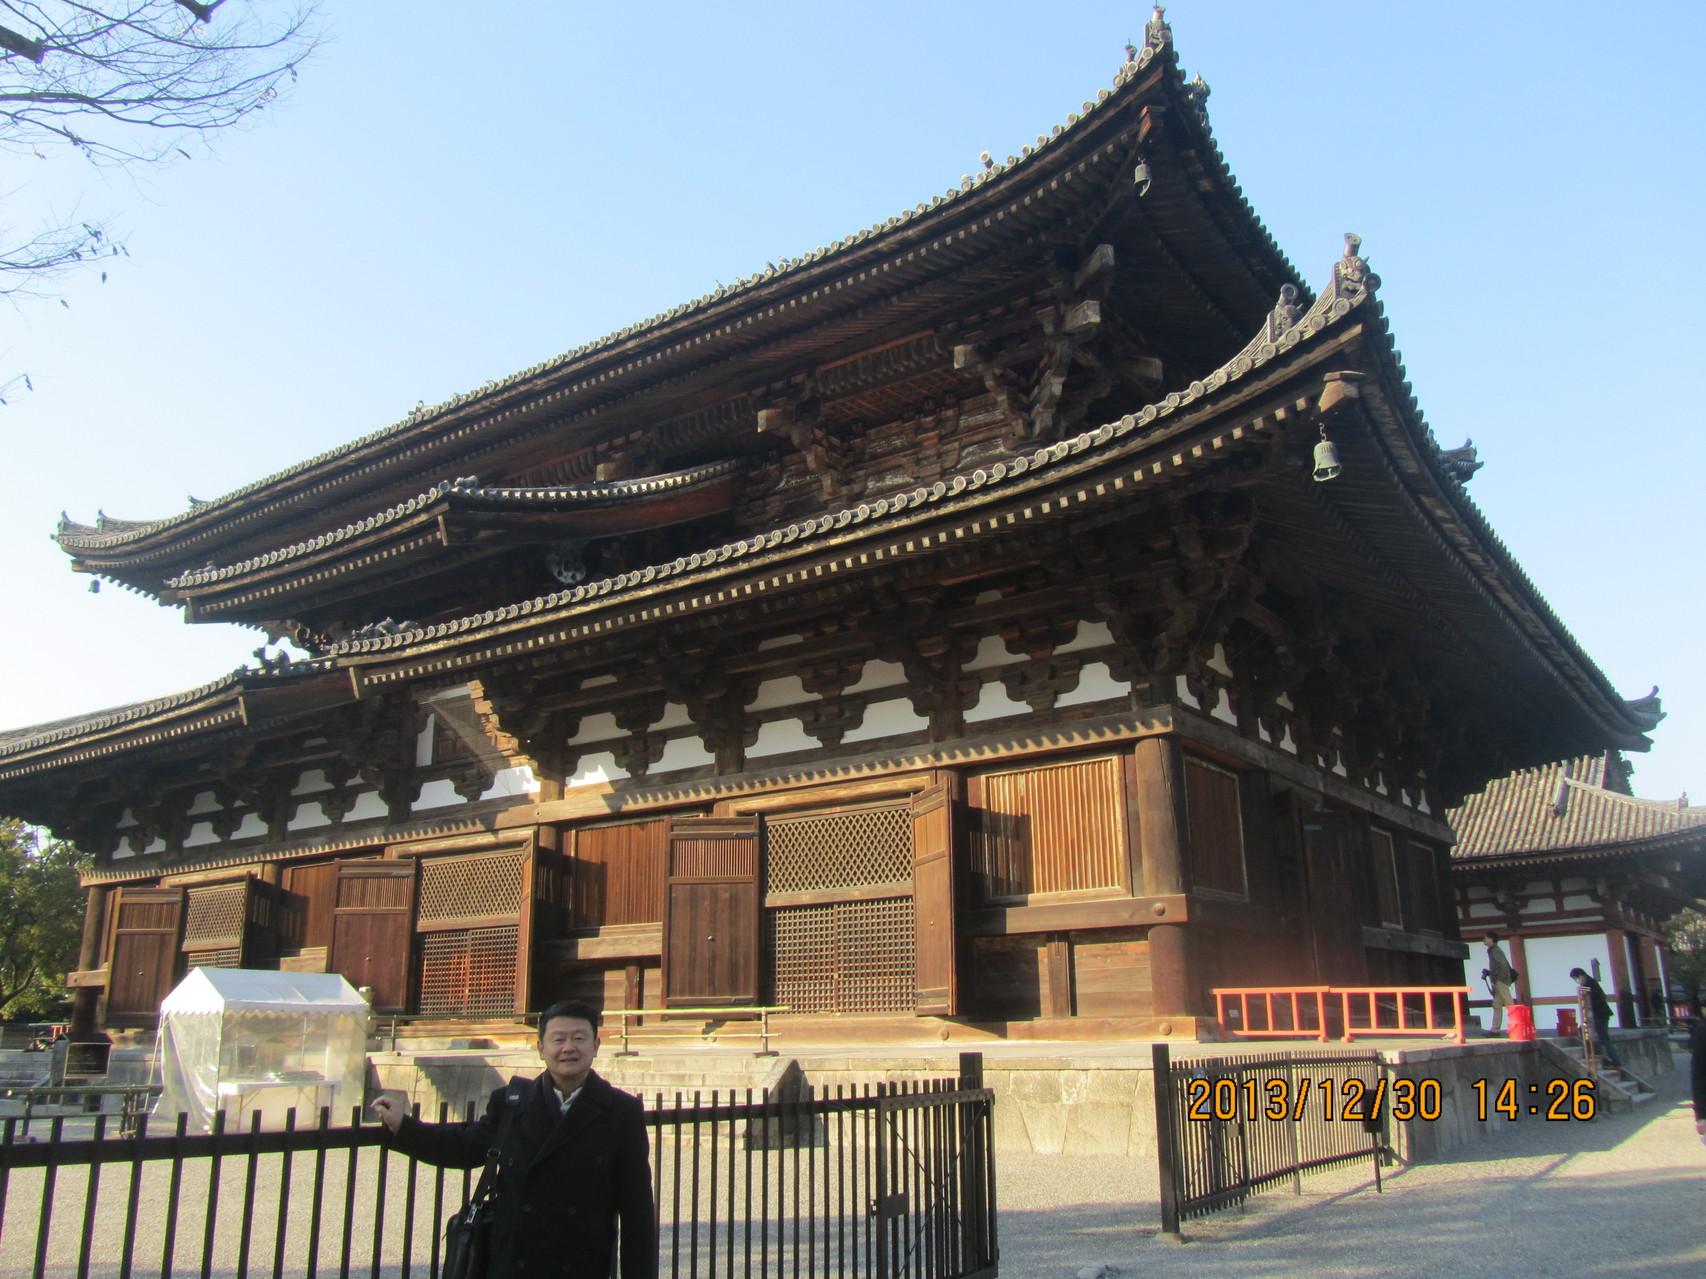 東寺の金堂。これも国宝です。